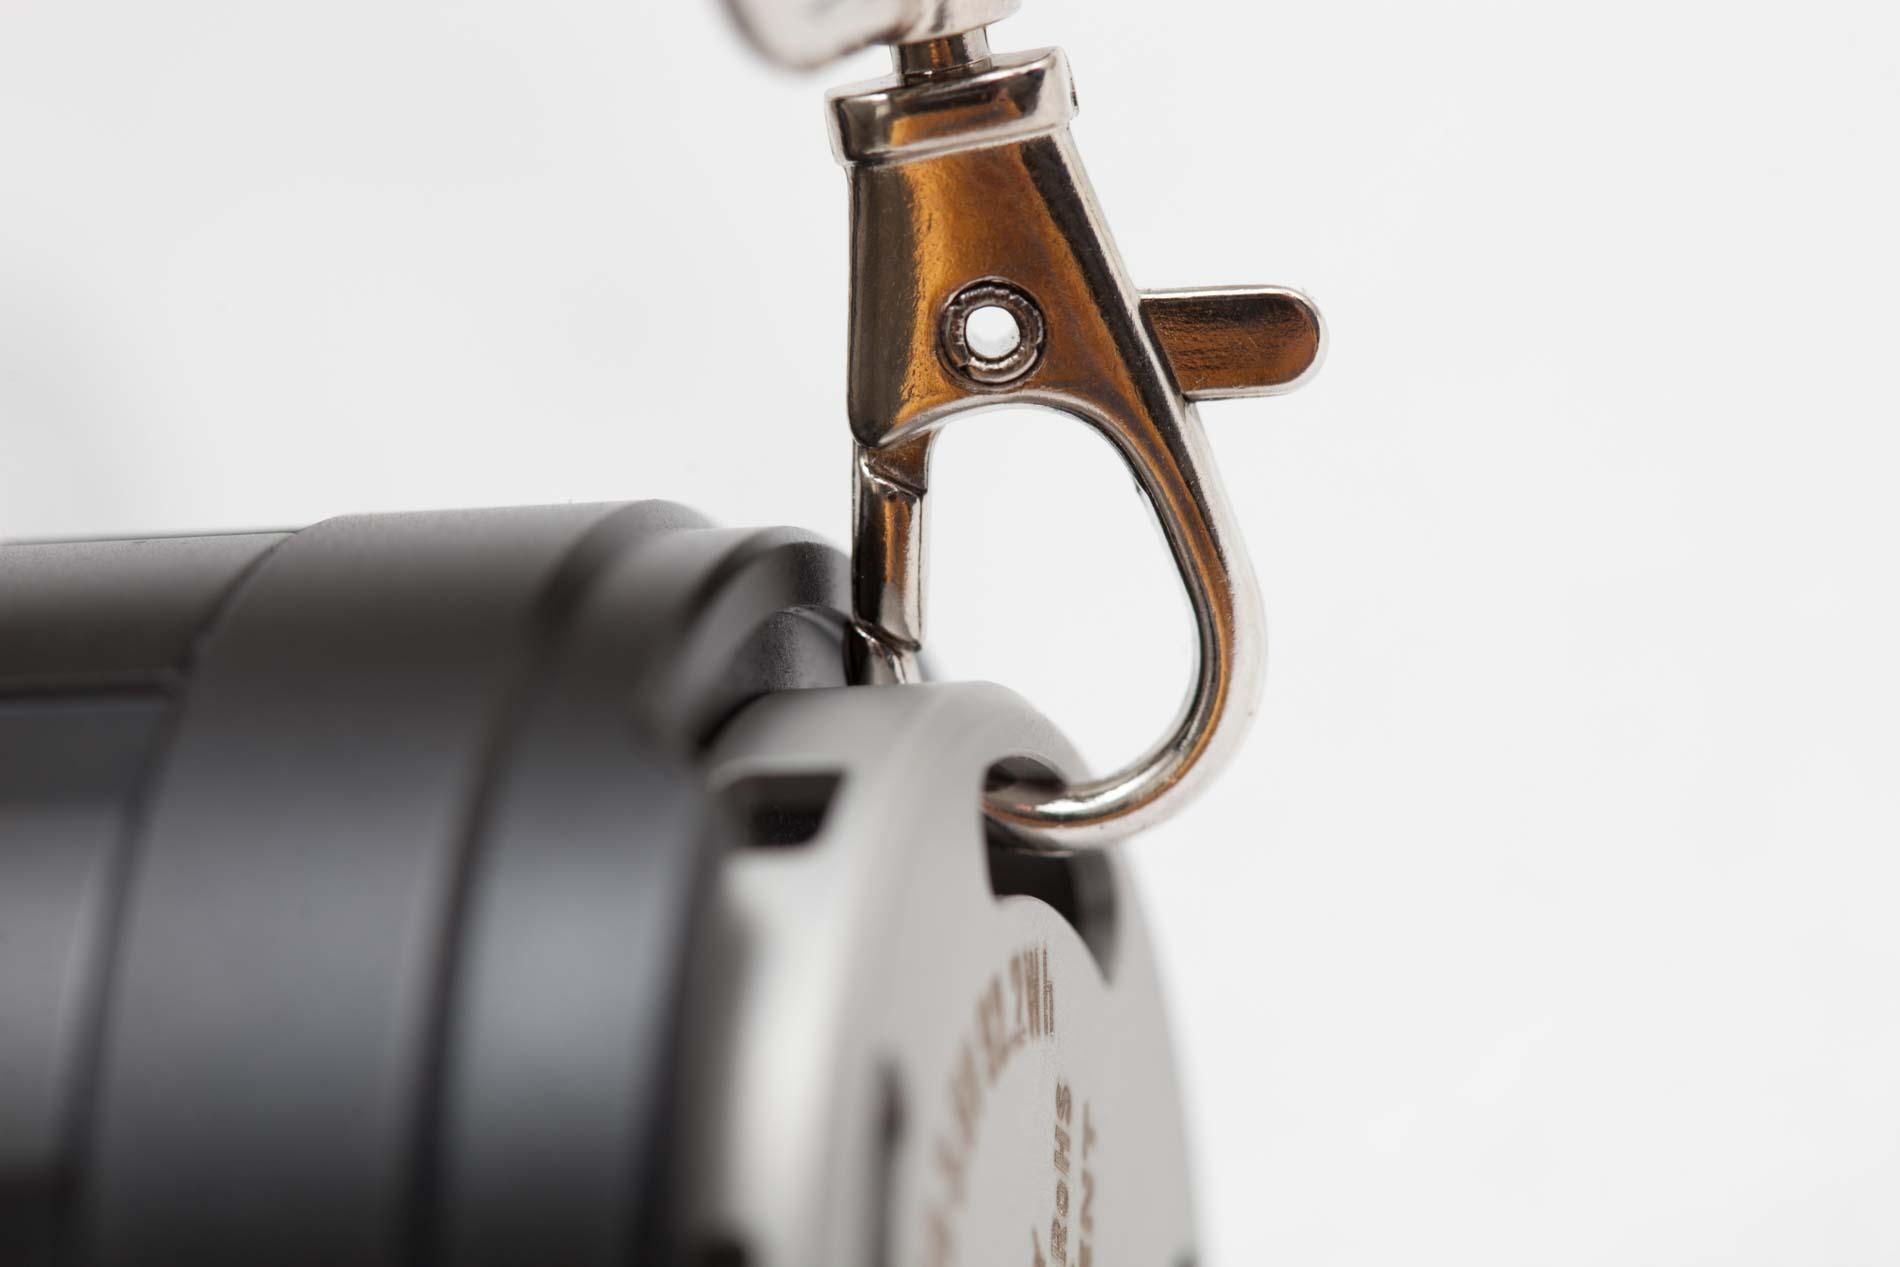 Imalent R90TS clip attachment